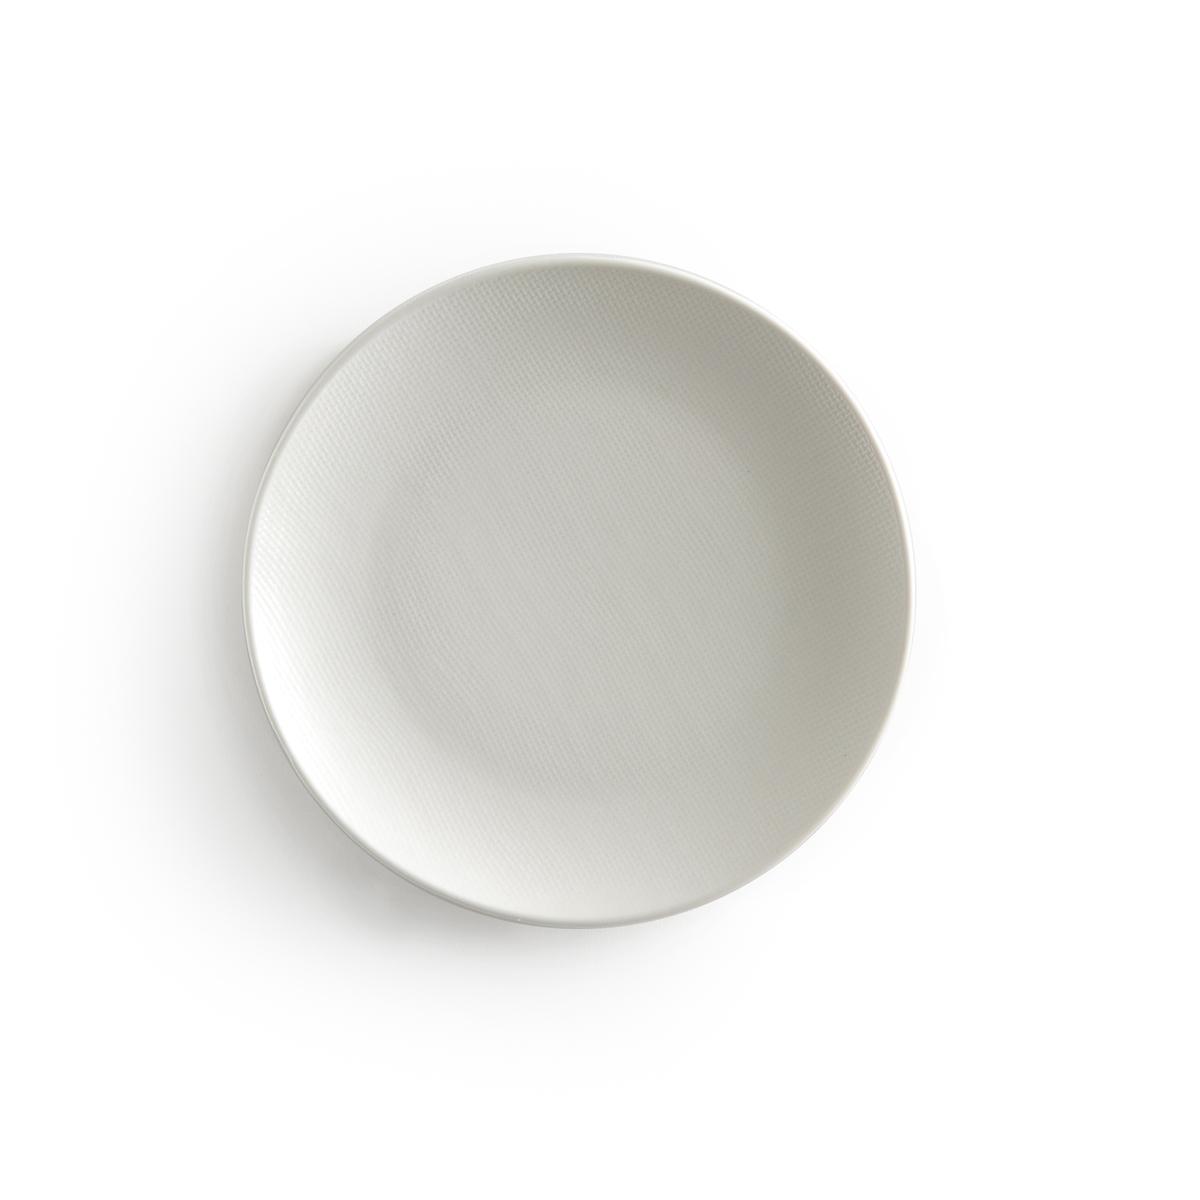 Комплект из десертных тарелок La Redoute LOURETTE единый размер белый комплект из 4 десертных тарелок sam baron